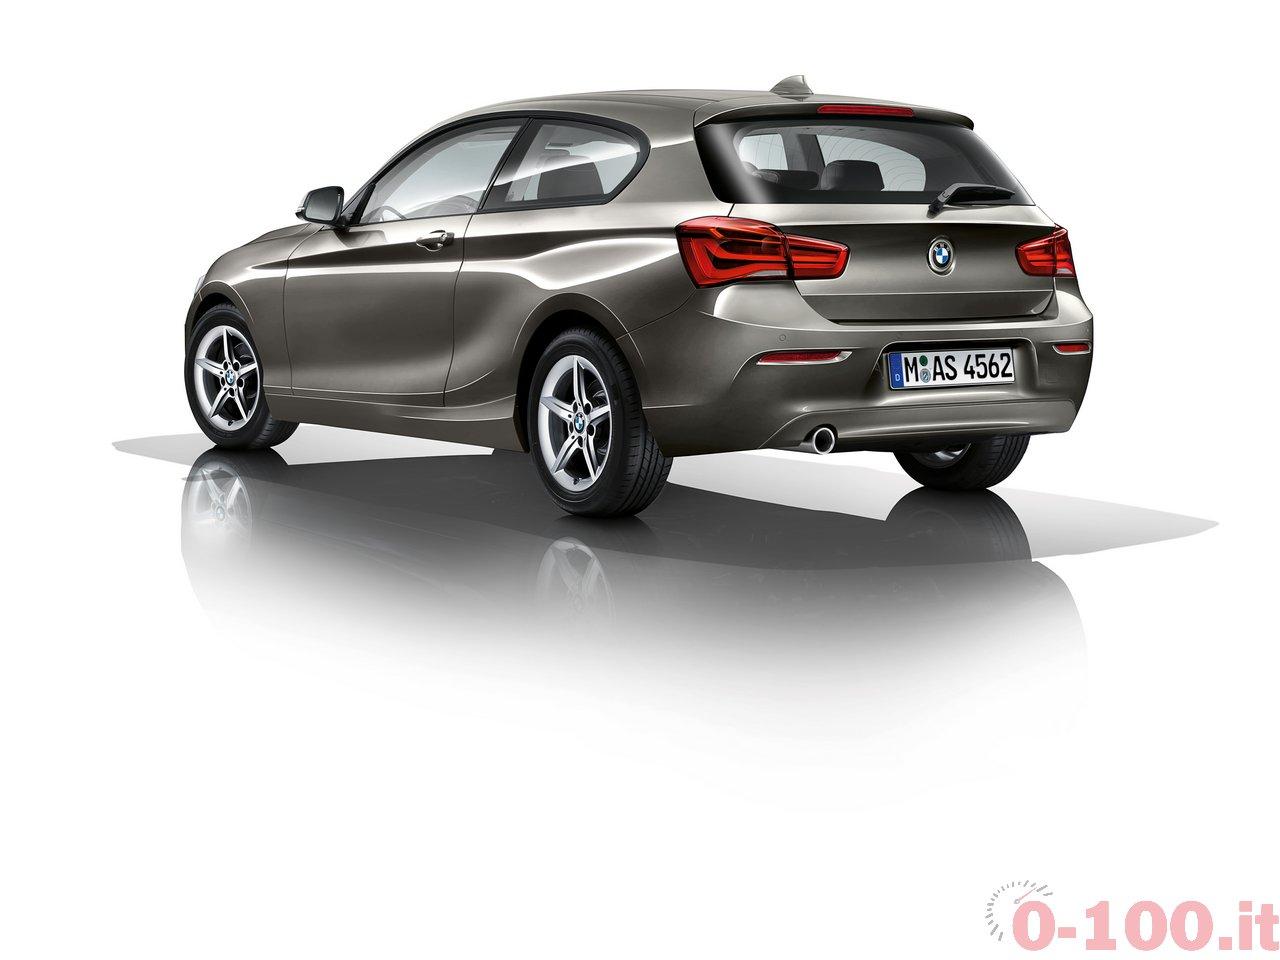 BMW-serie-1-2015_116d-118d-120d-125d-116i-118i-120i-125i-135i-0-100_52